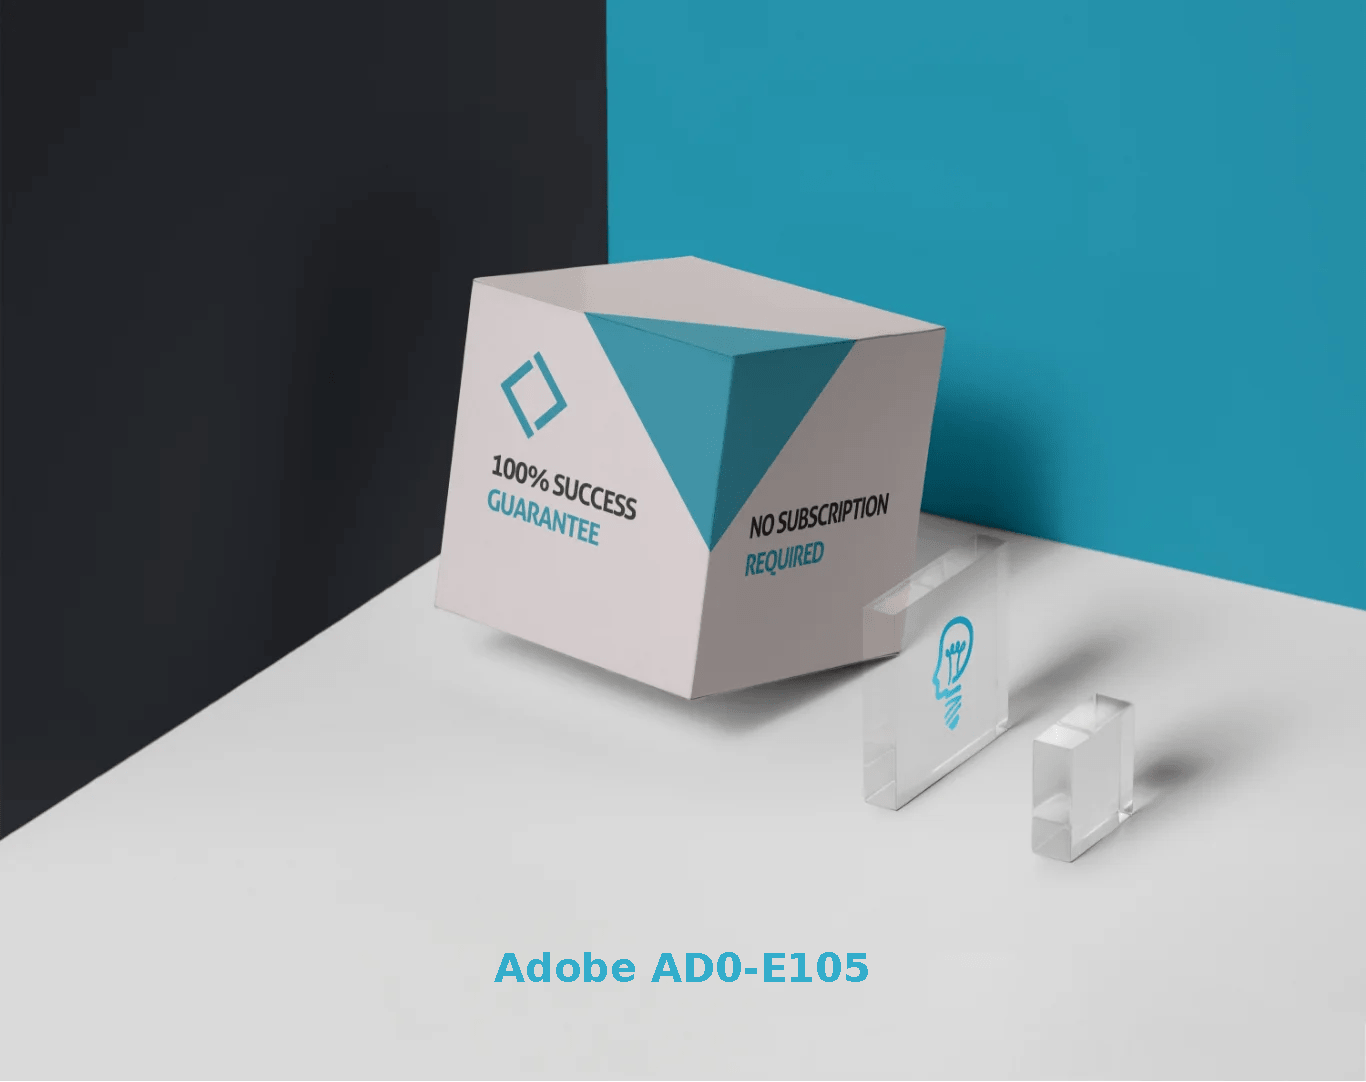 AD0-E105 Dumps